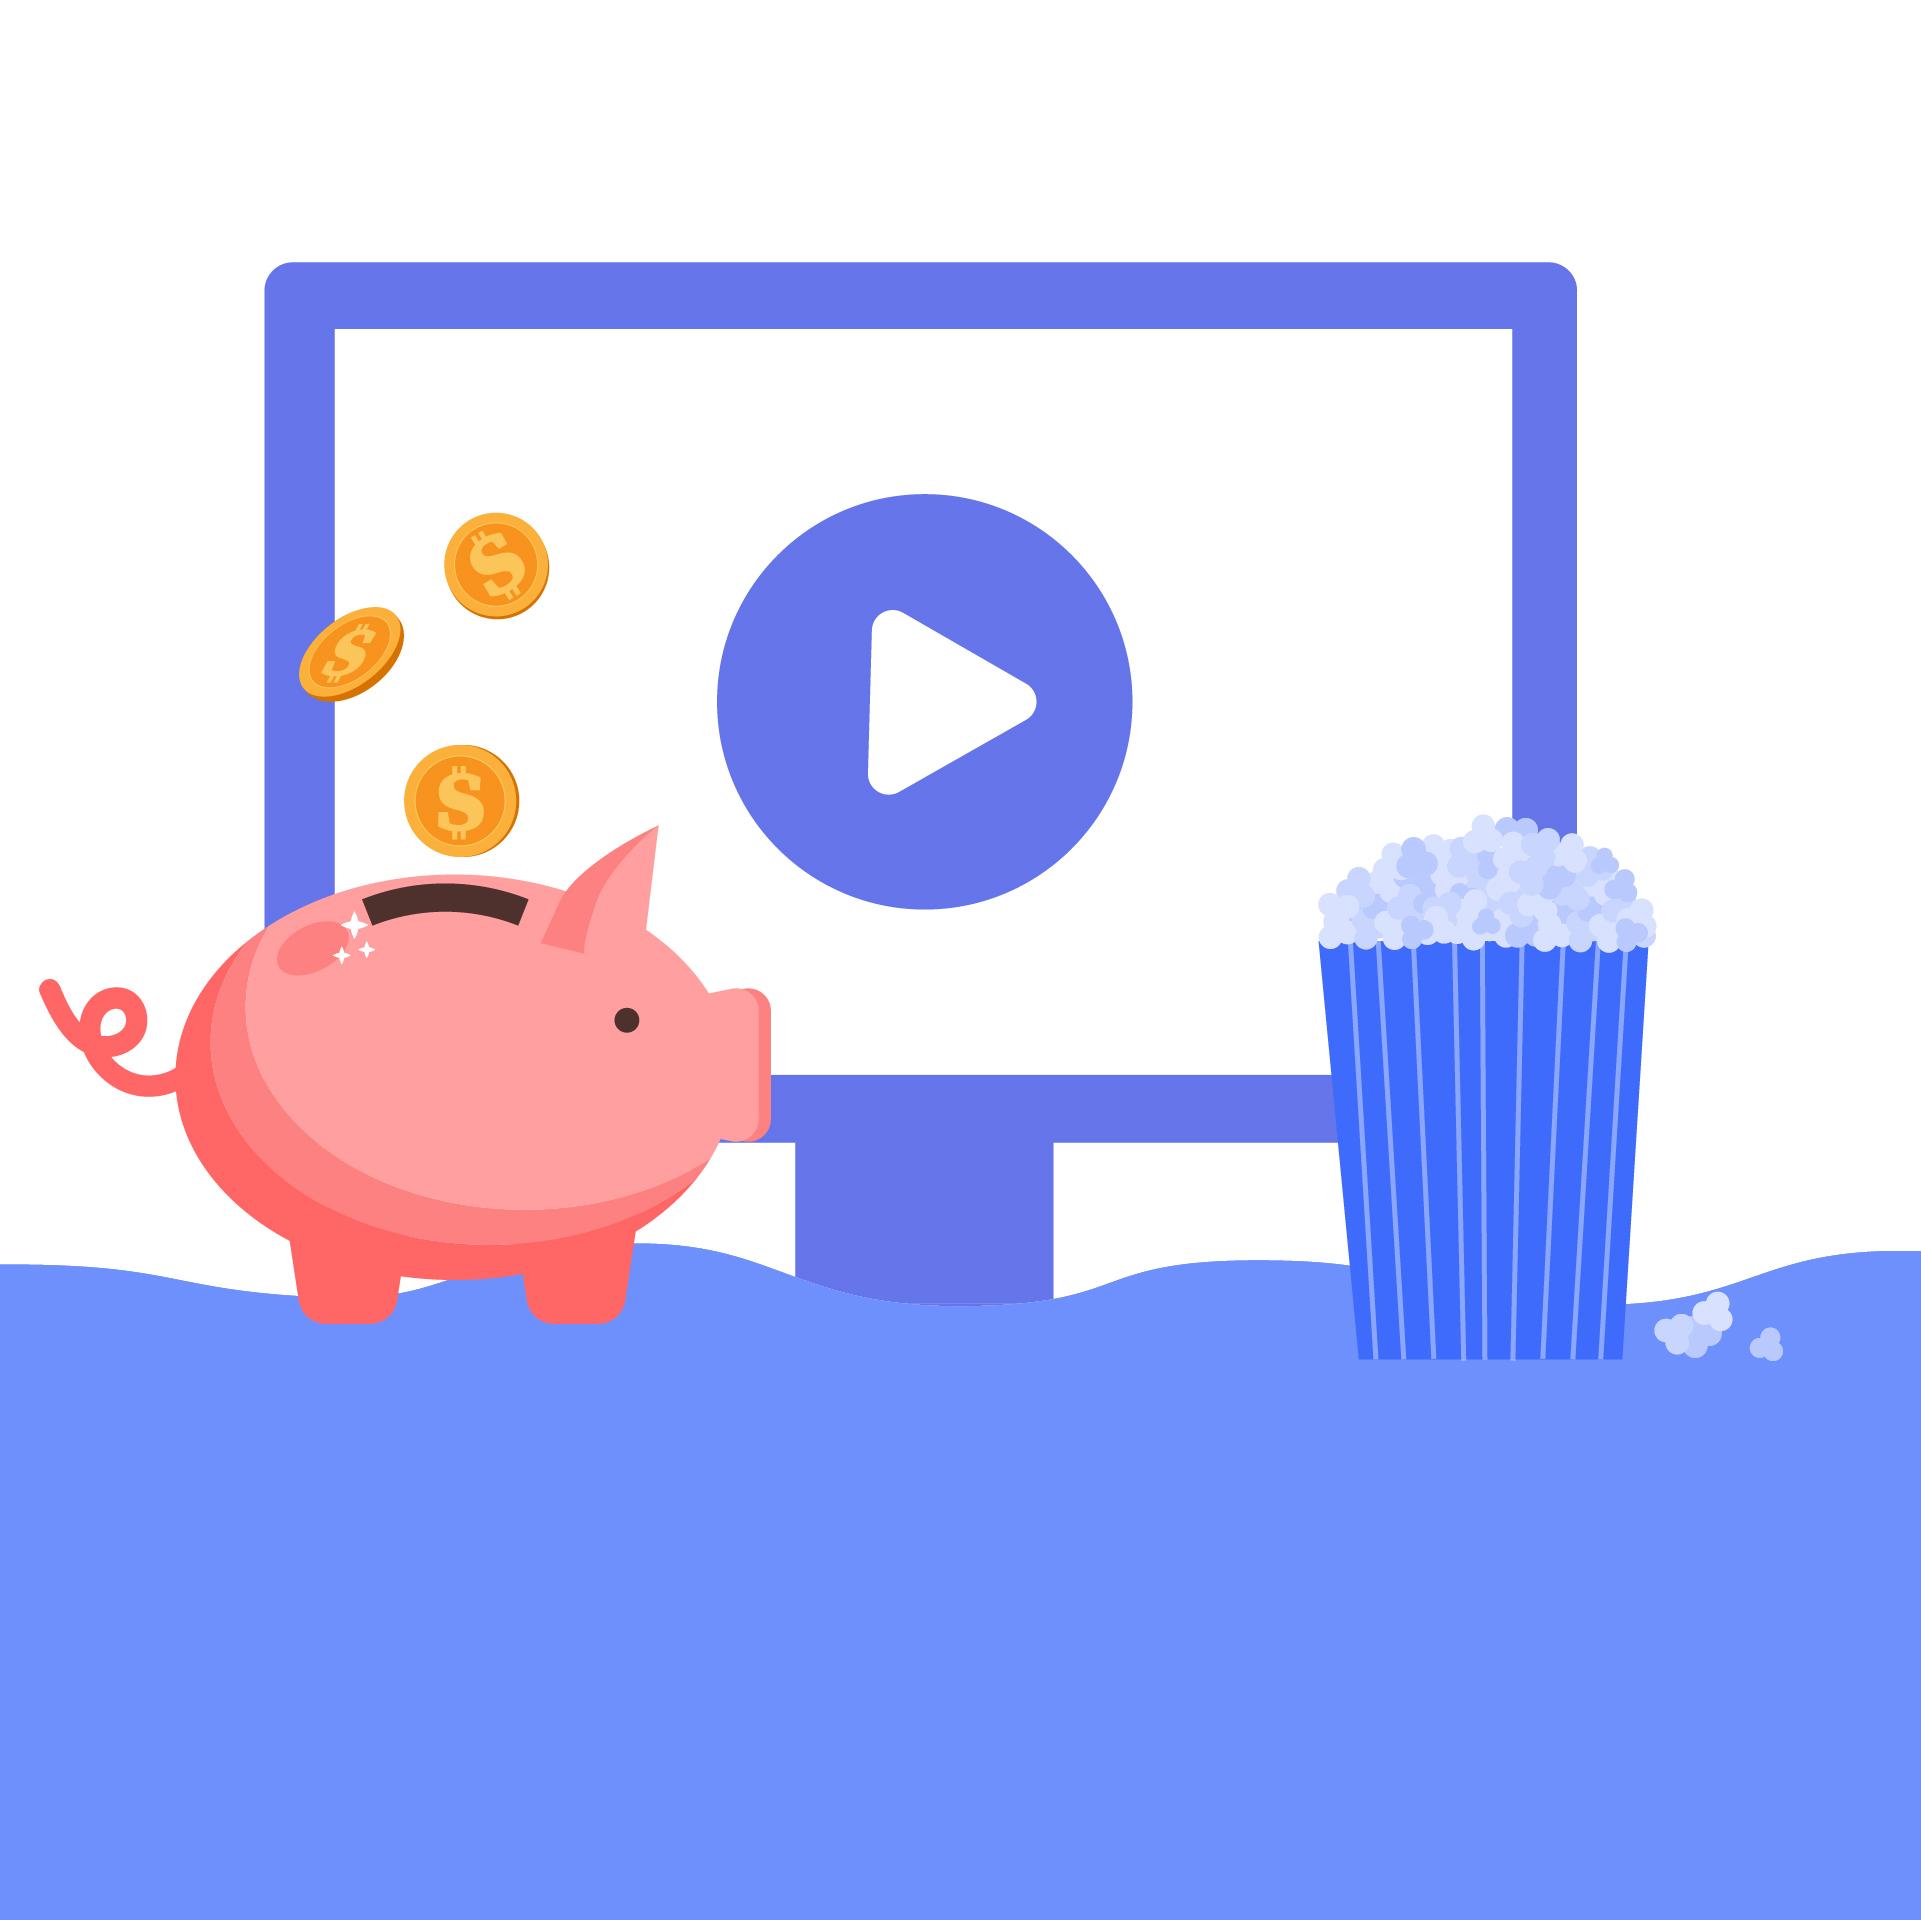 ¿Querés aprender a ahorrar? Inspirate con estas películas y series